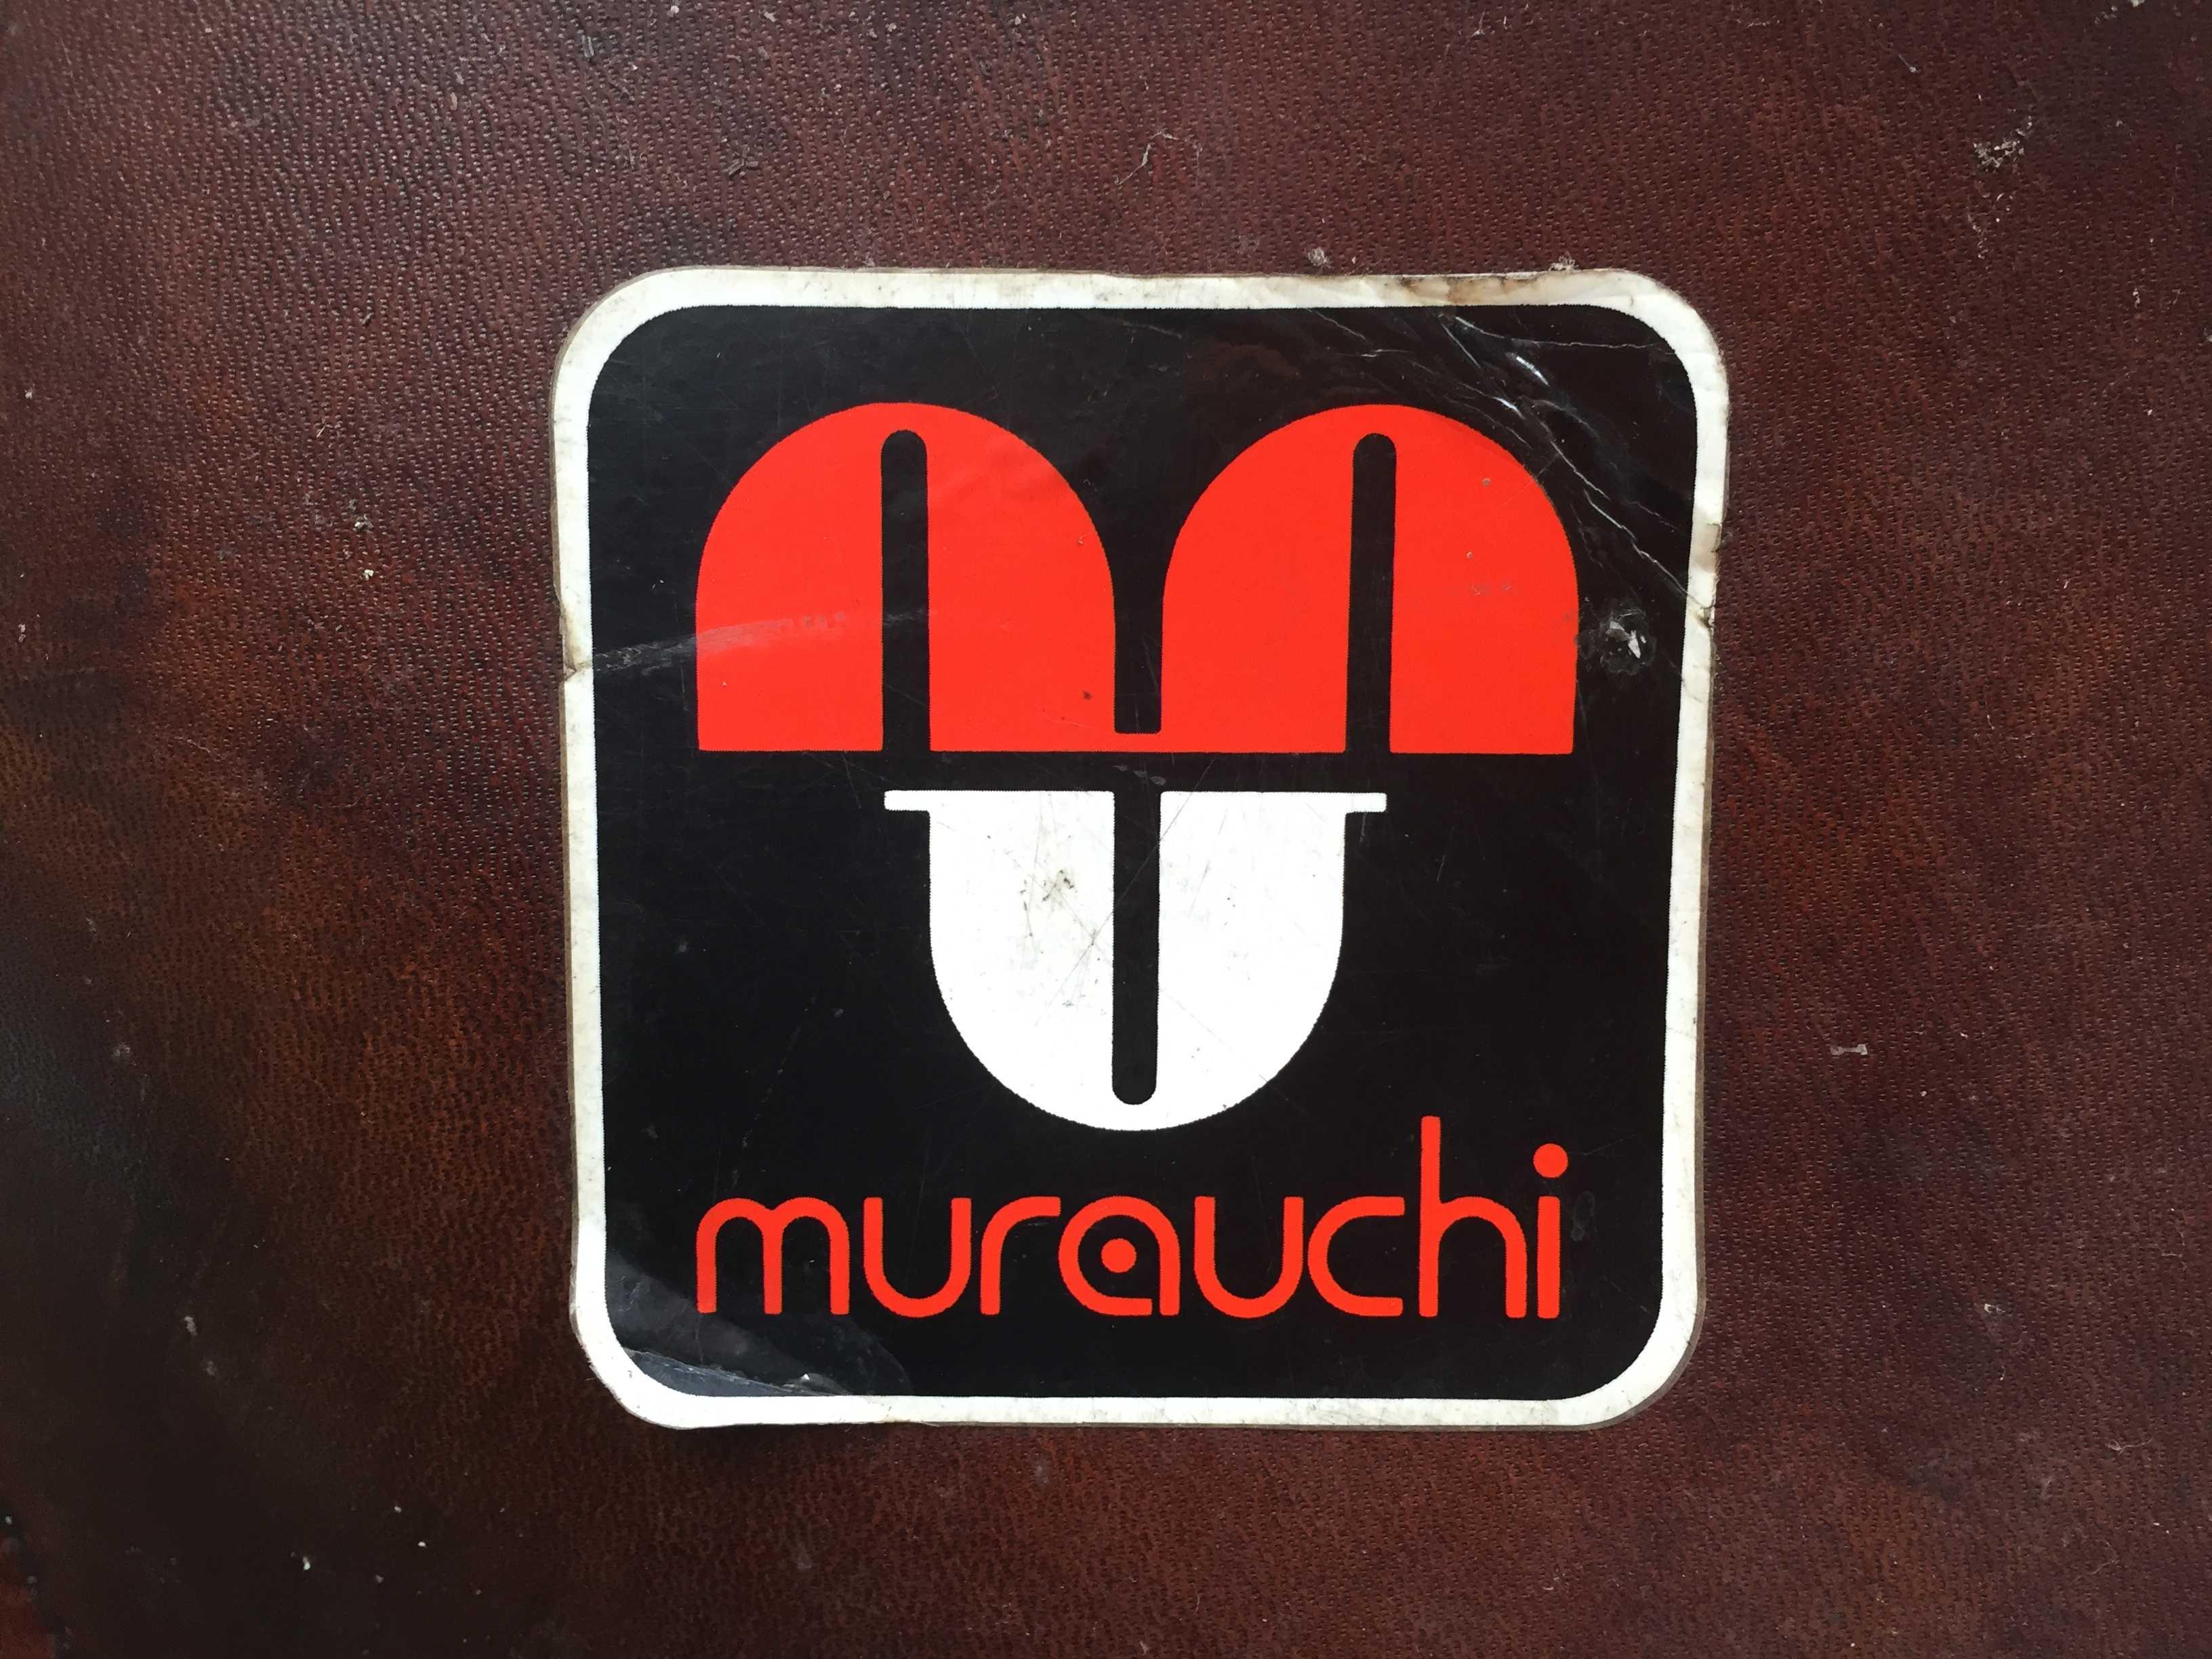 昭和40年代のムラウチ電気のマーク